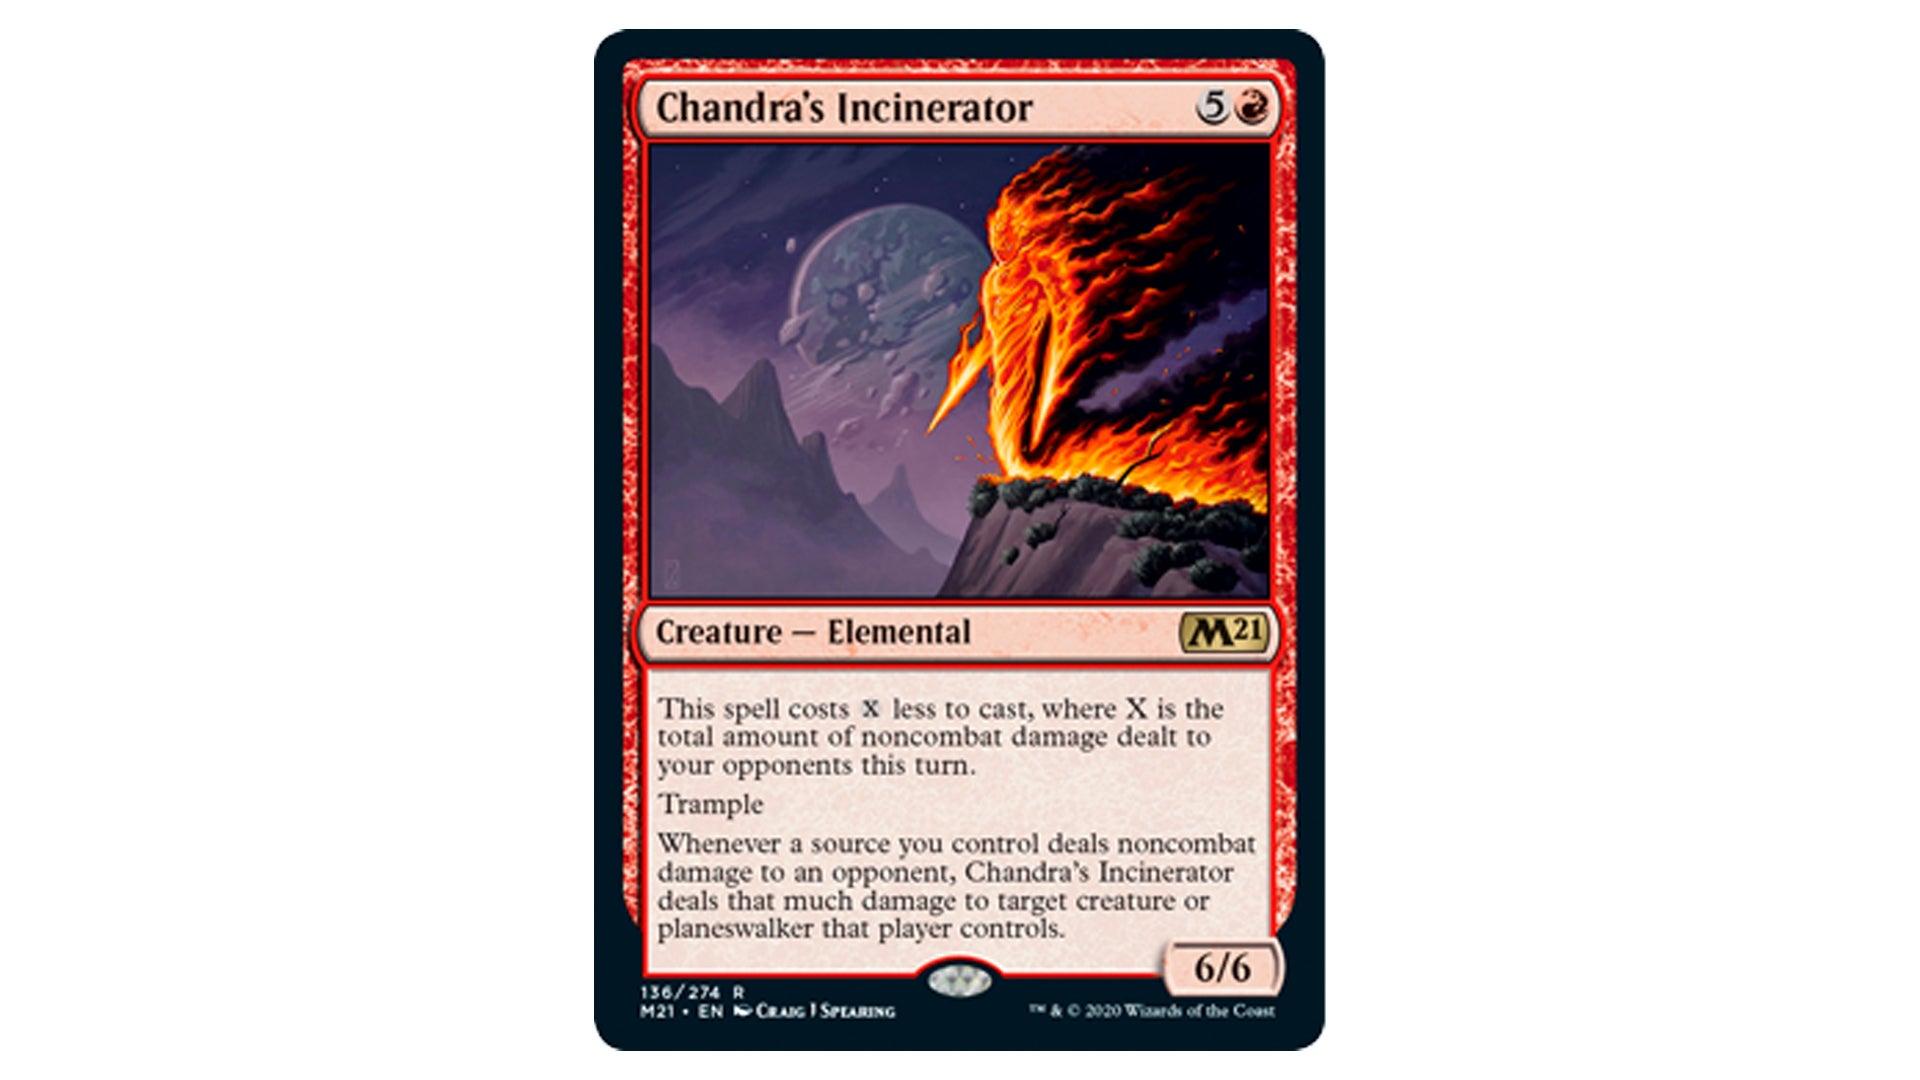 mtg-m21-card-chandras-incinerator.jpg